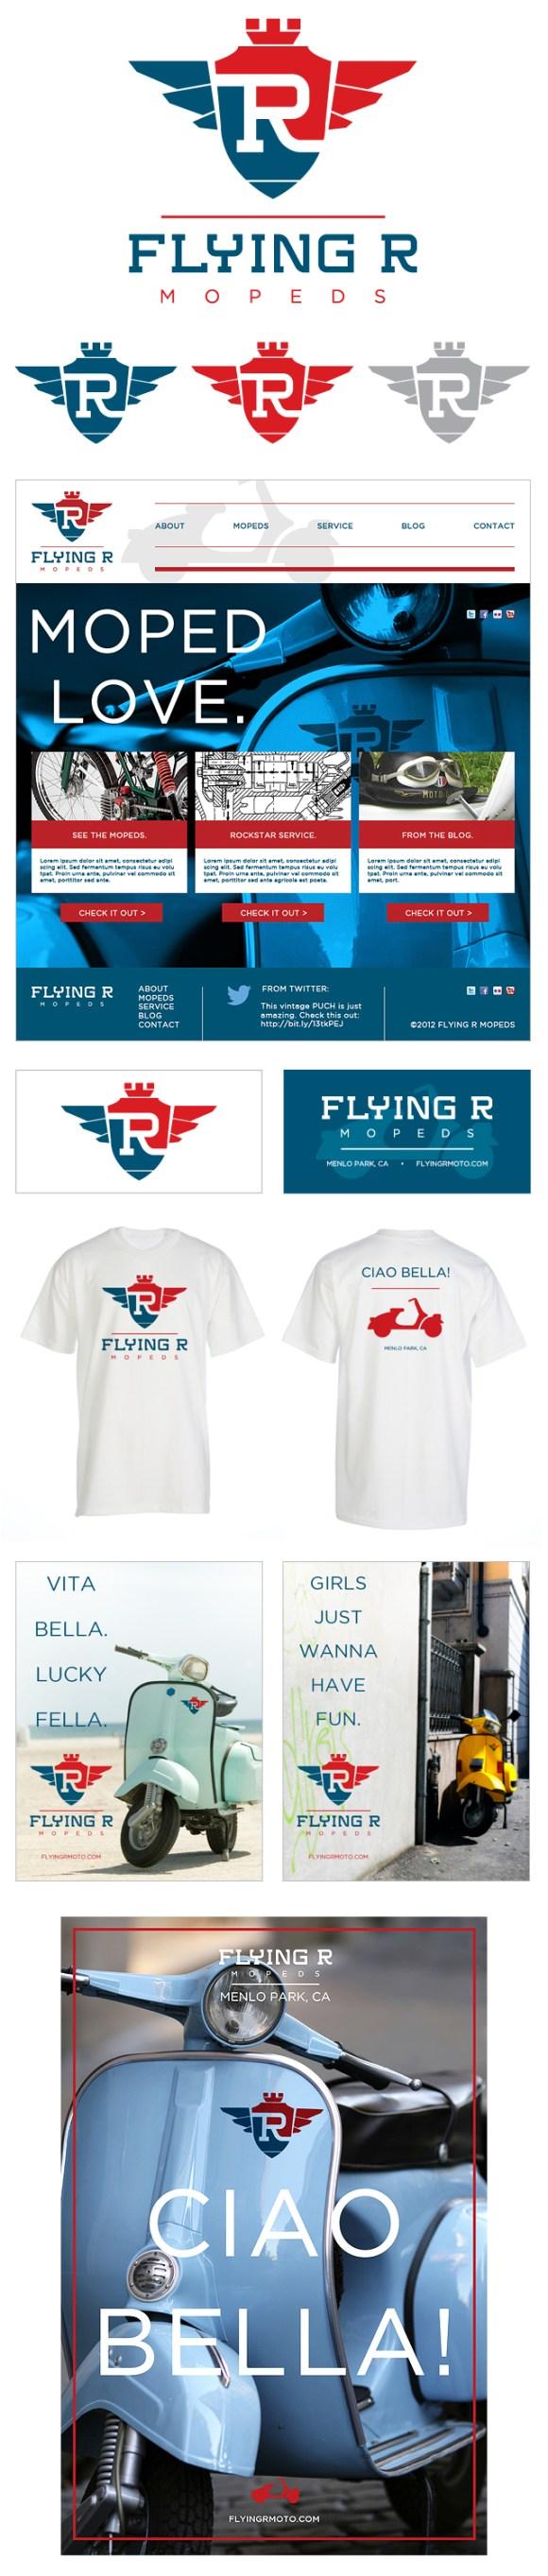 flyingr_full